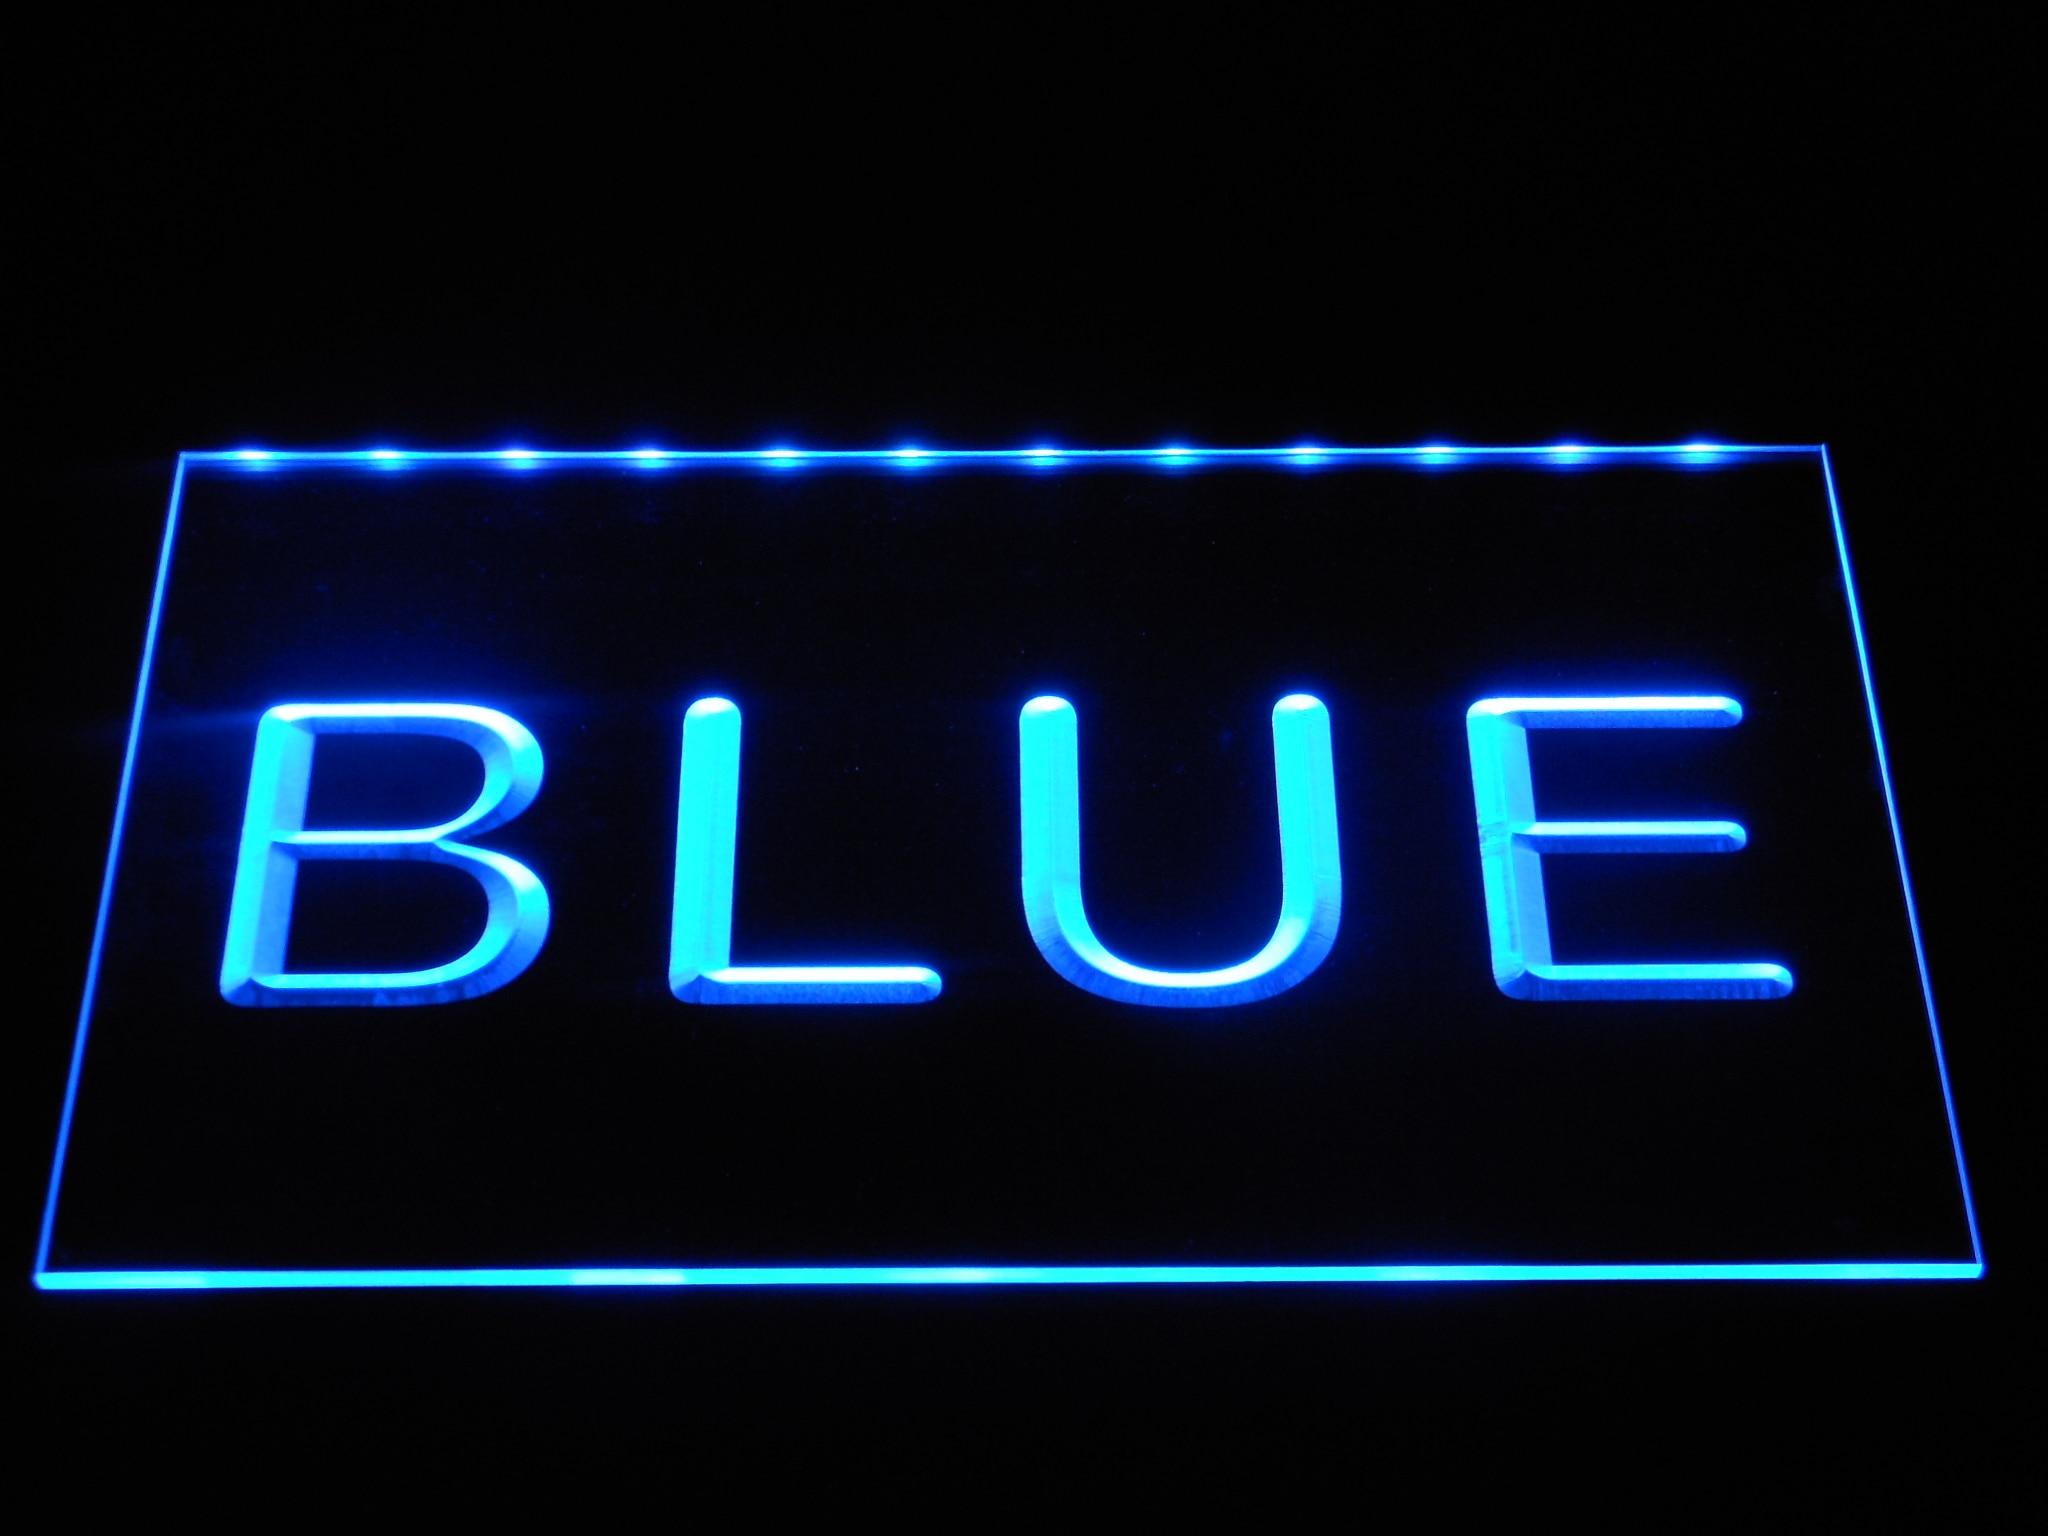 A048 Whisky Bar Bier LED Neon Licht Zeichen Kunststoff Handwerk 20 + Farben 5 Größen auf/off Schalter